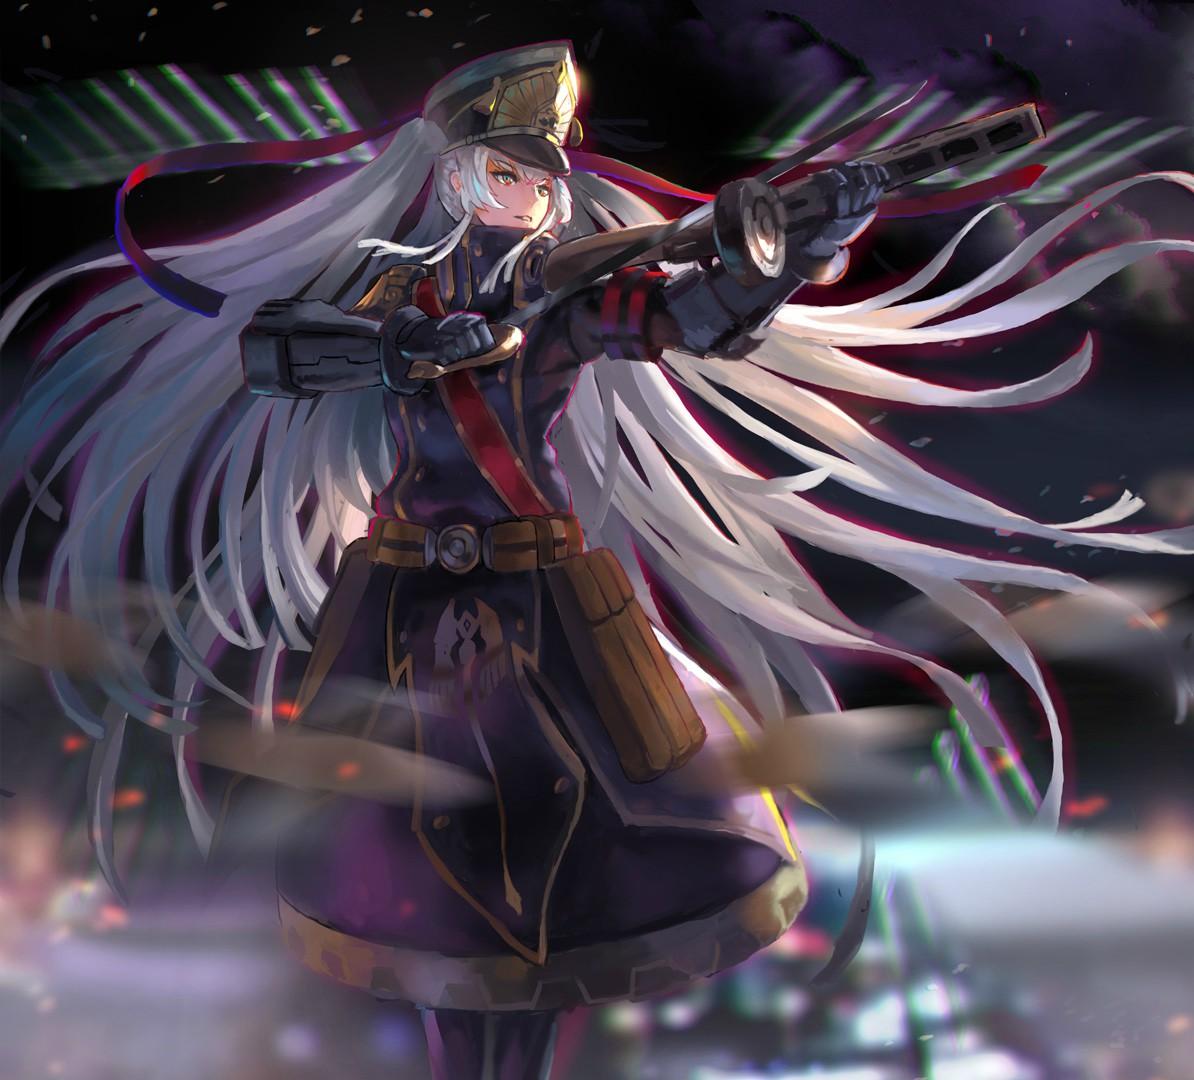 Thiên thần sáng Tạo -Re Creators - Anime Re Creators VietSub